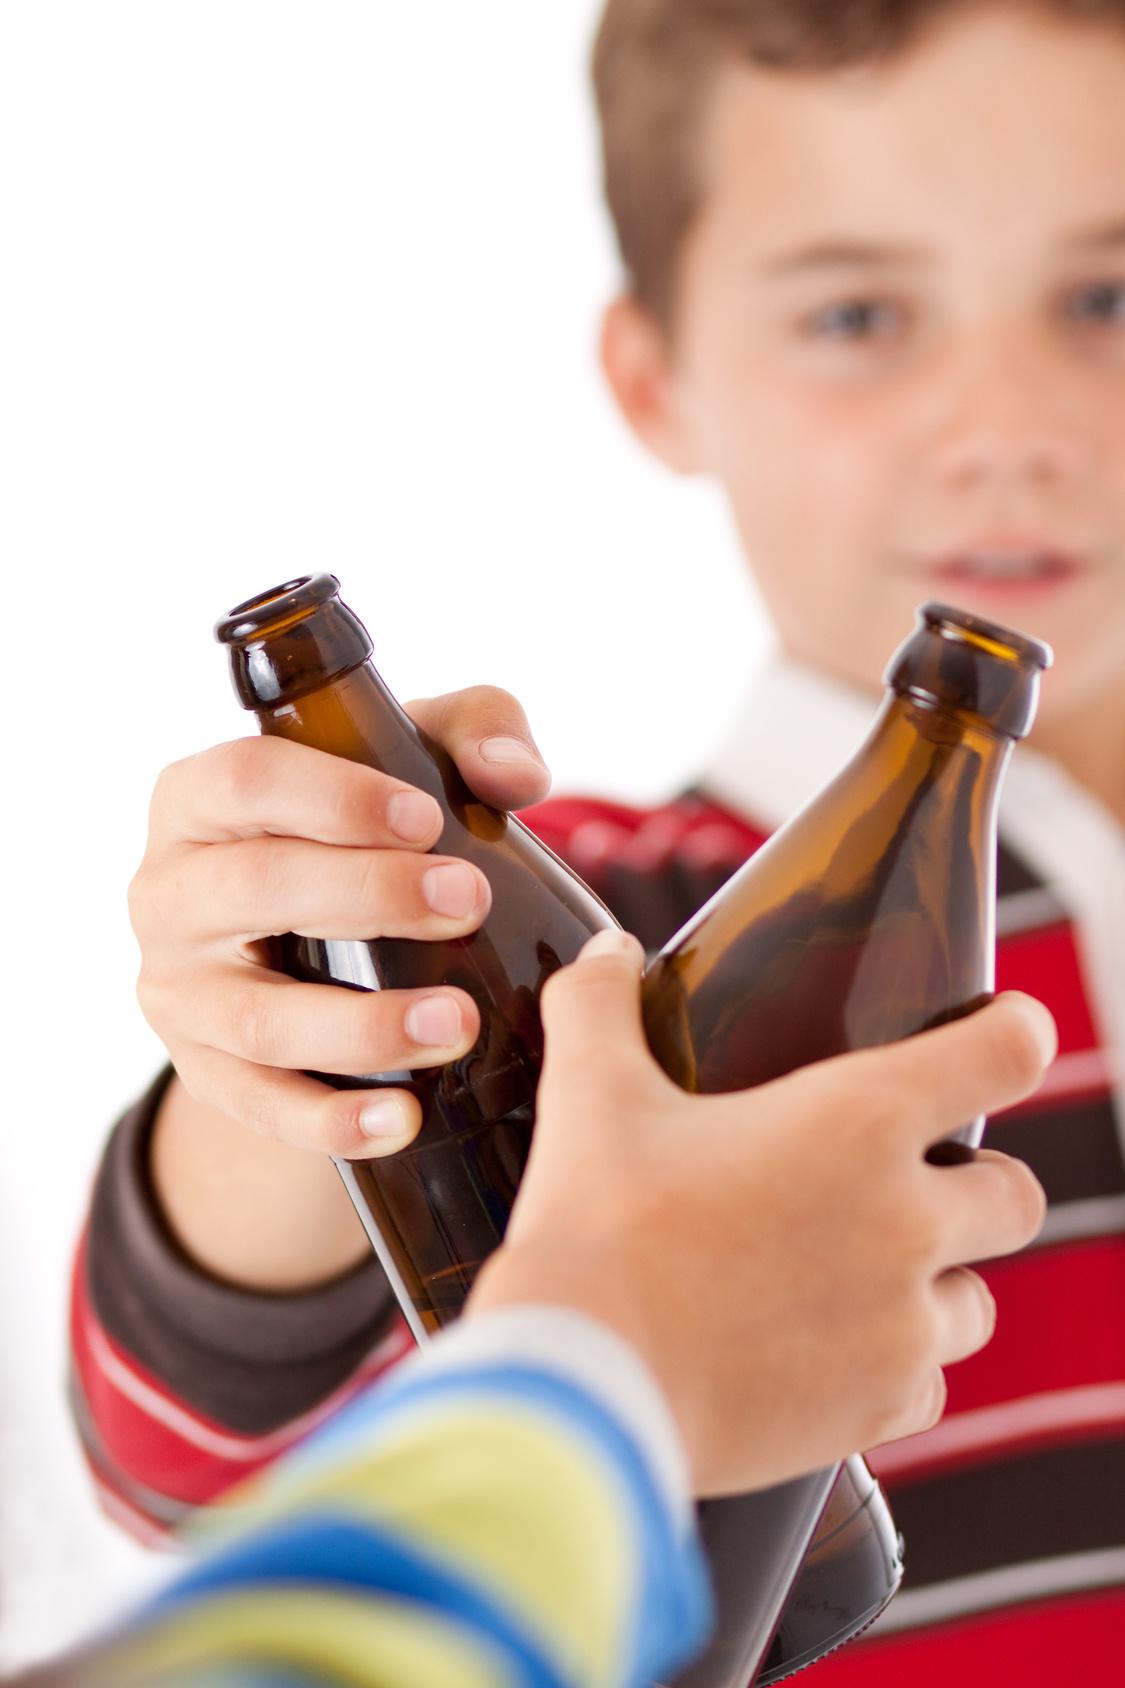 Алкоголизм причины лечения и профилактика одесса форум лечение от алкоголизма